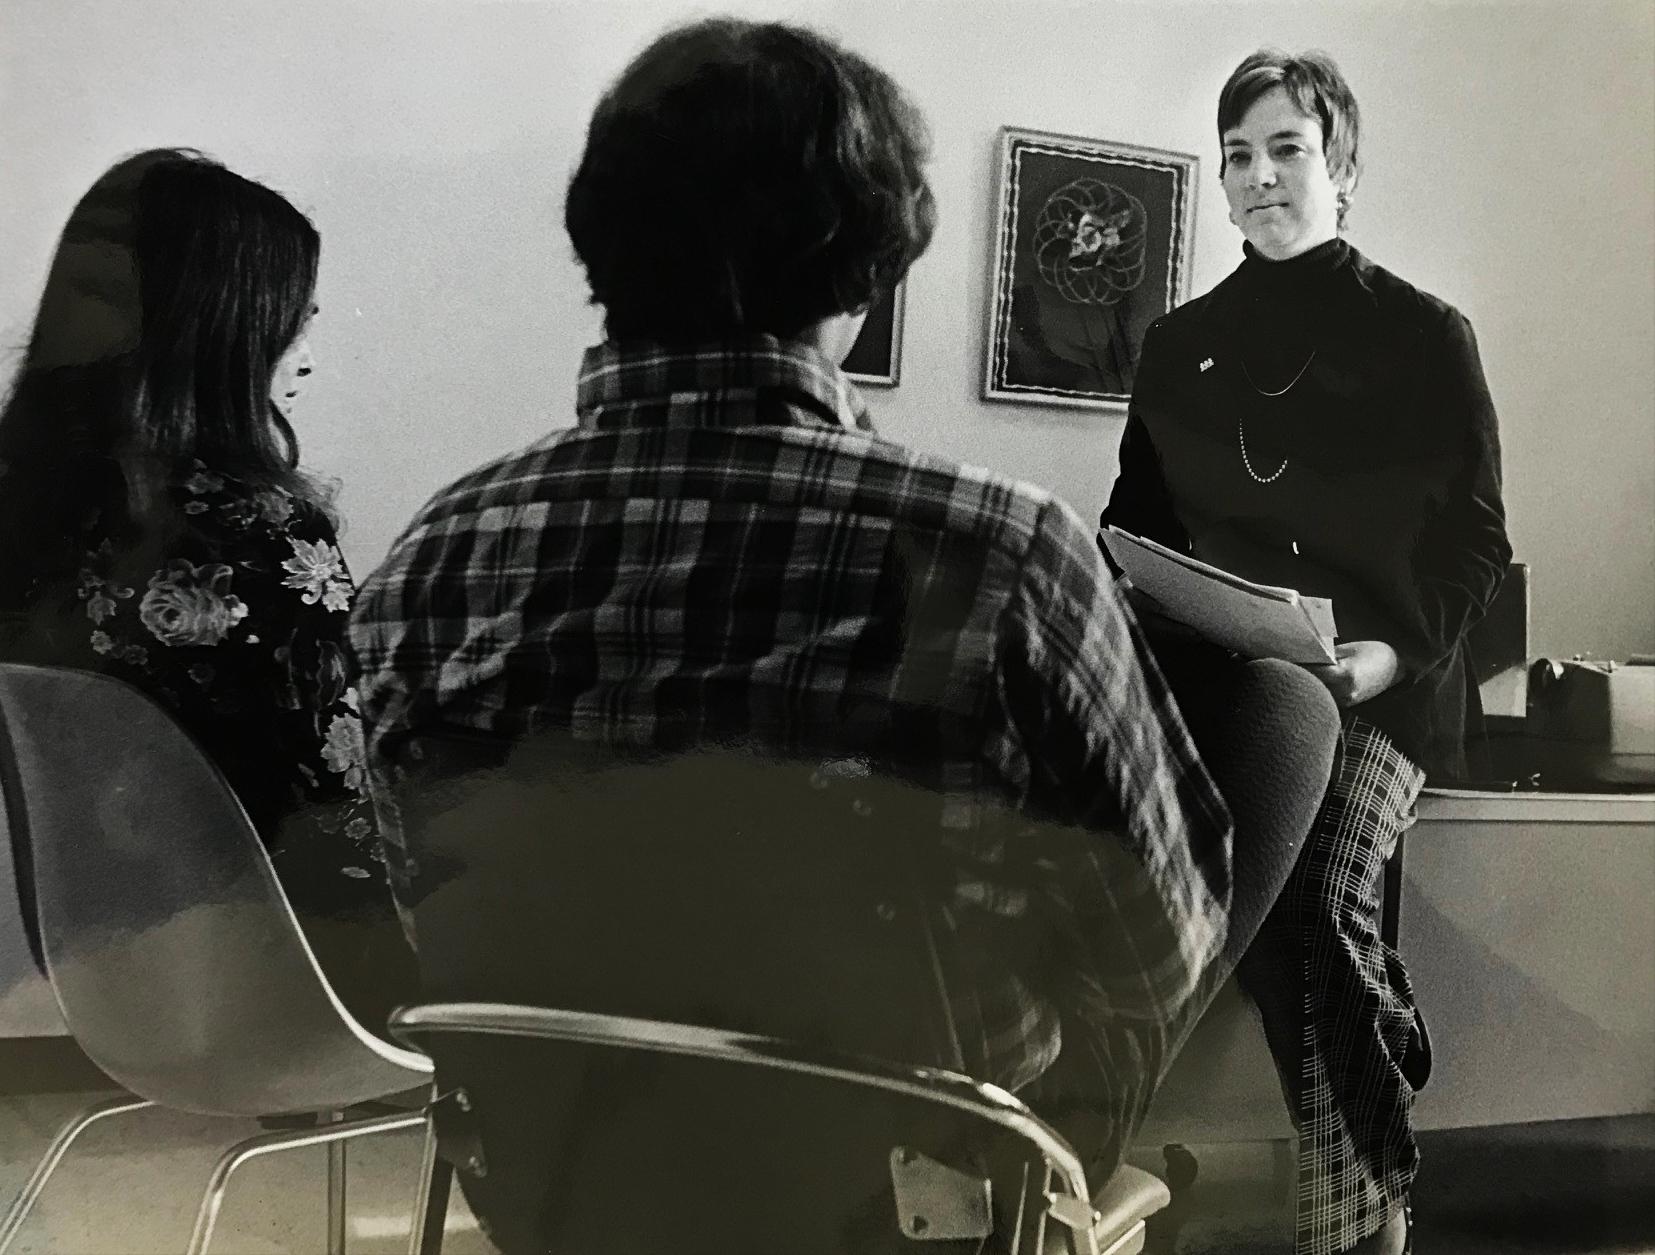 Lois Plantefaber - A couple discuss adoption with social worker Lois Plantefaber. 1974